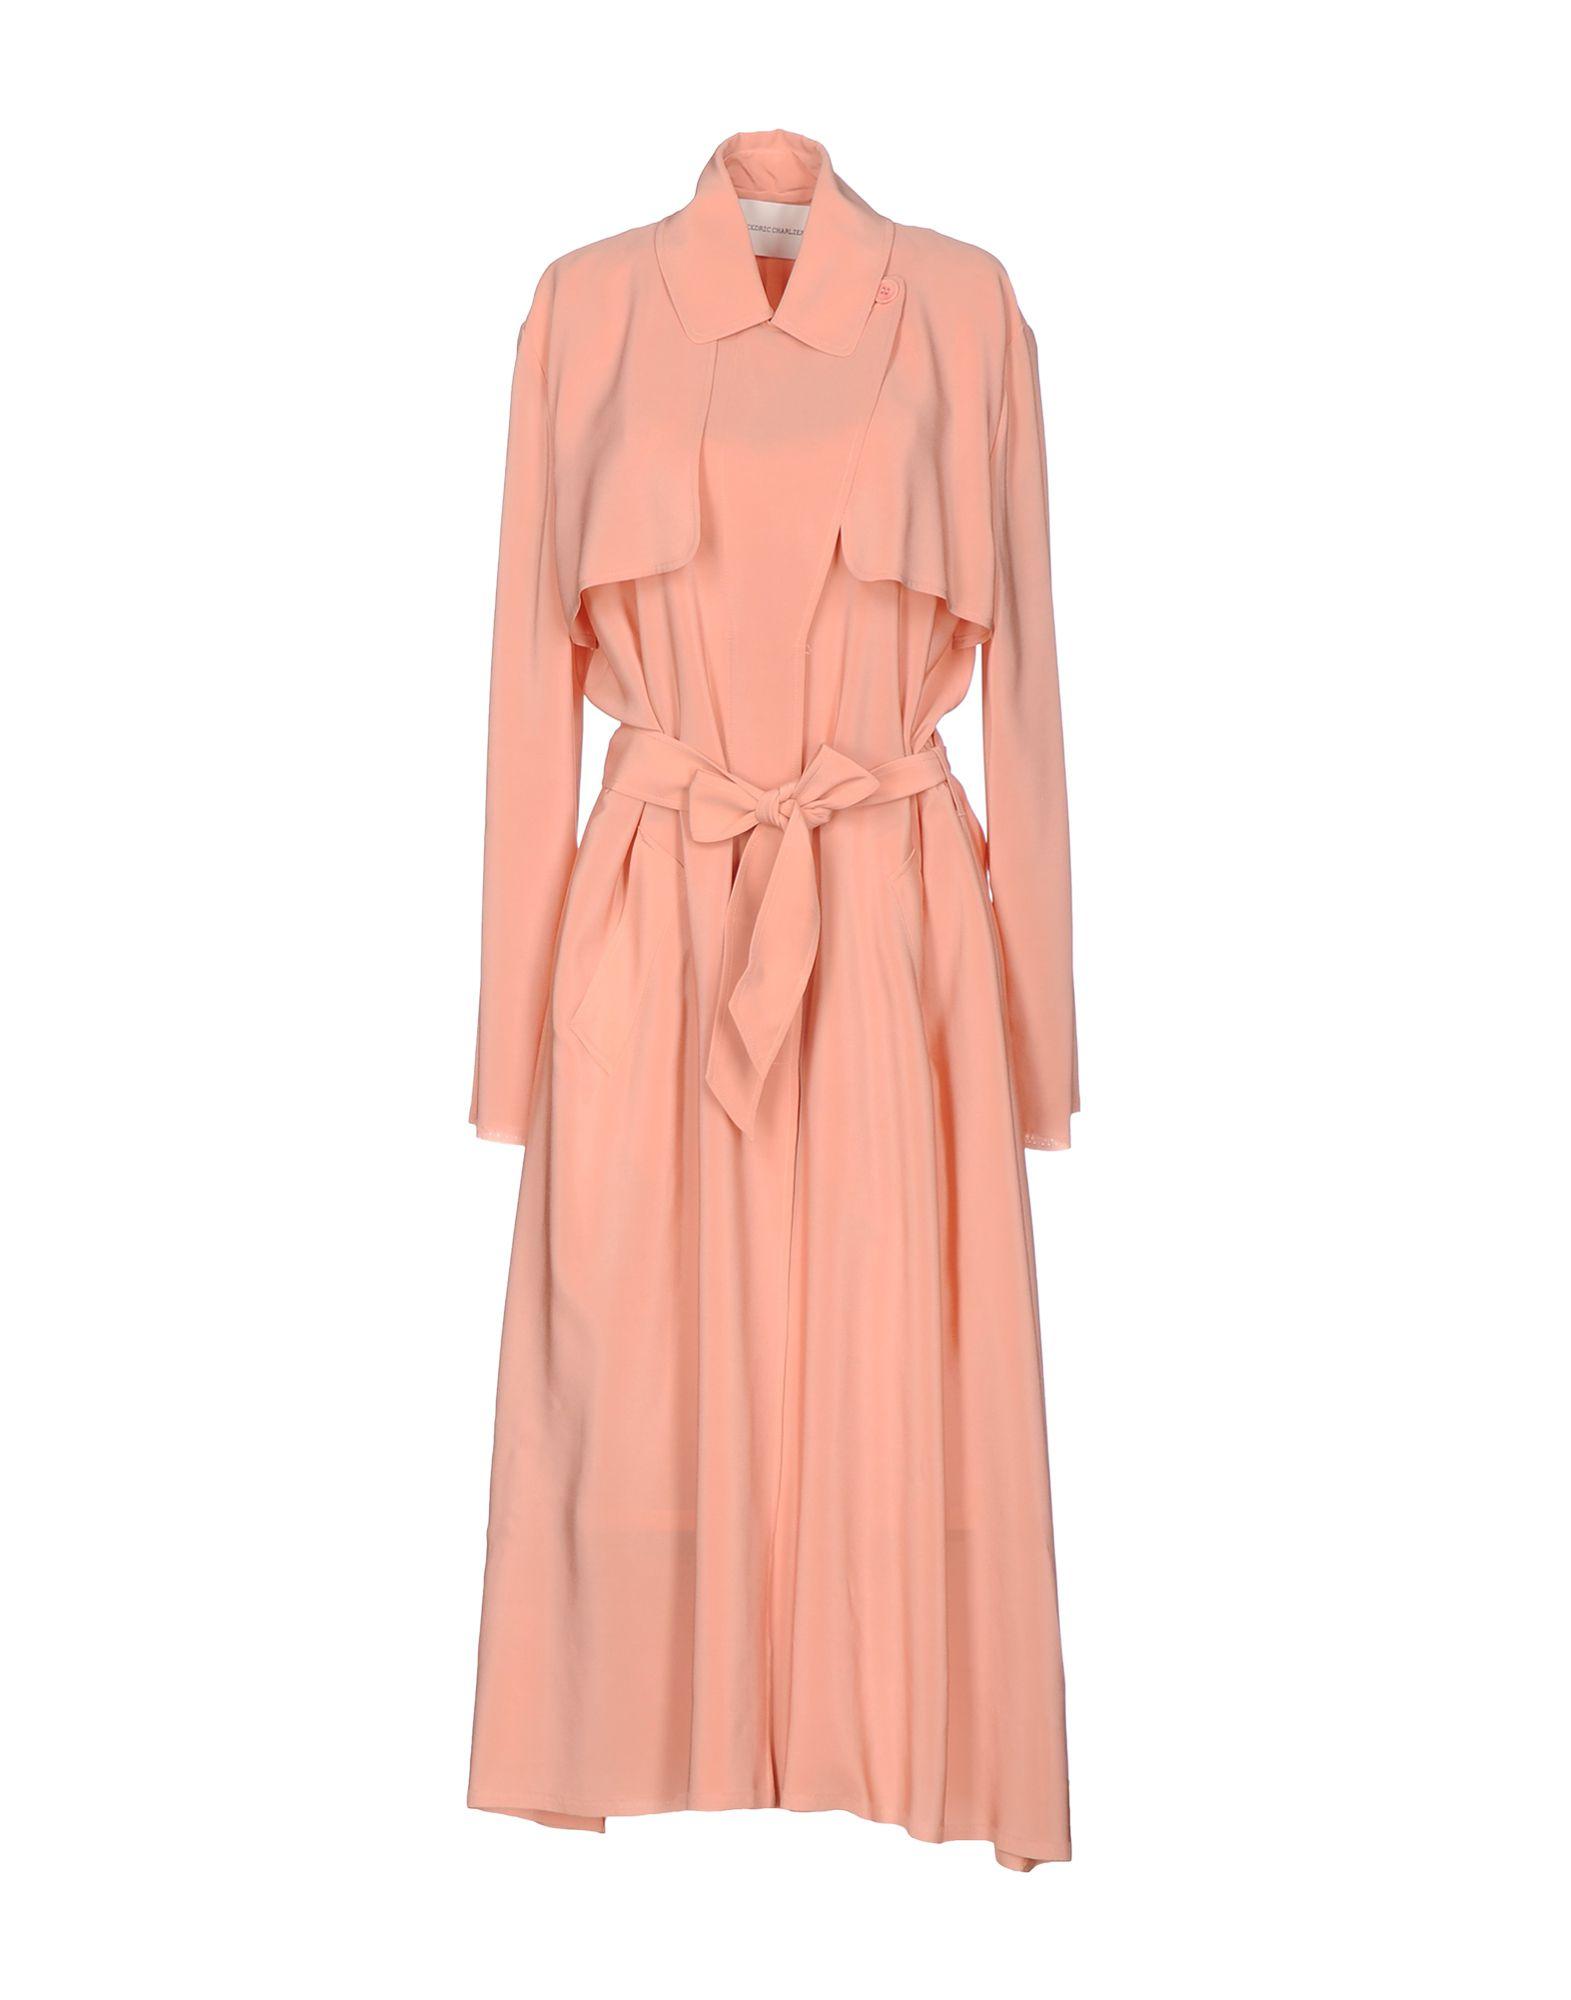 купить CEDRIC CHARLIER Платье длиной 3/4 дешево